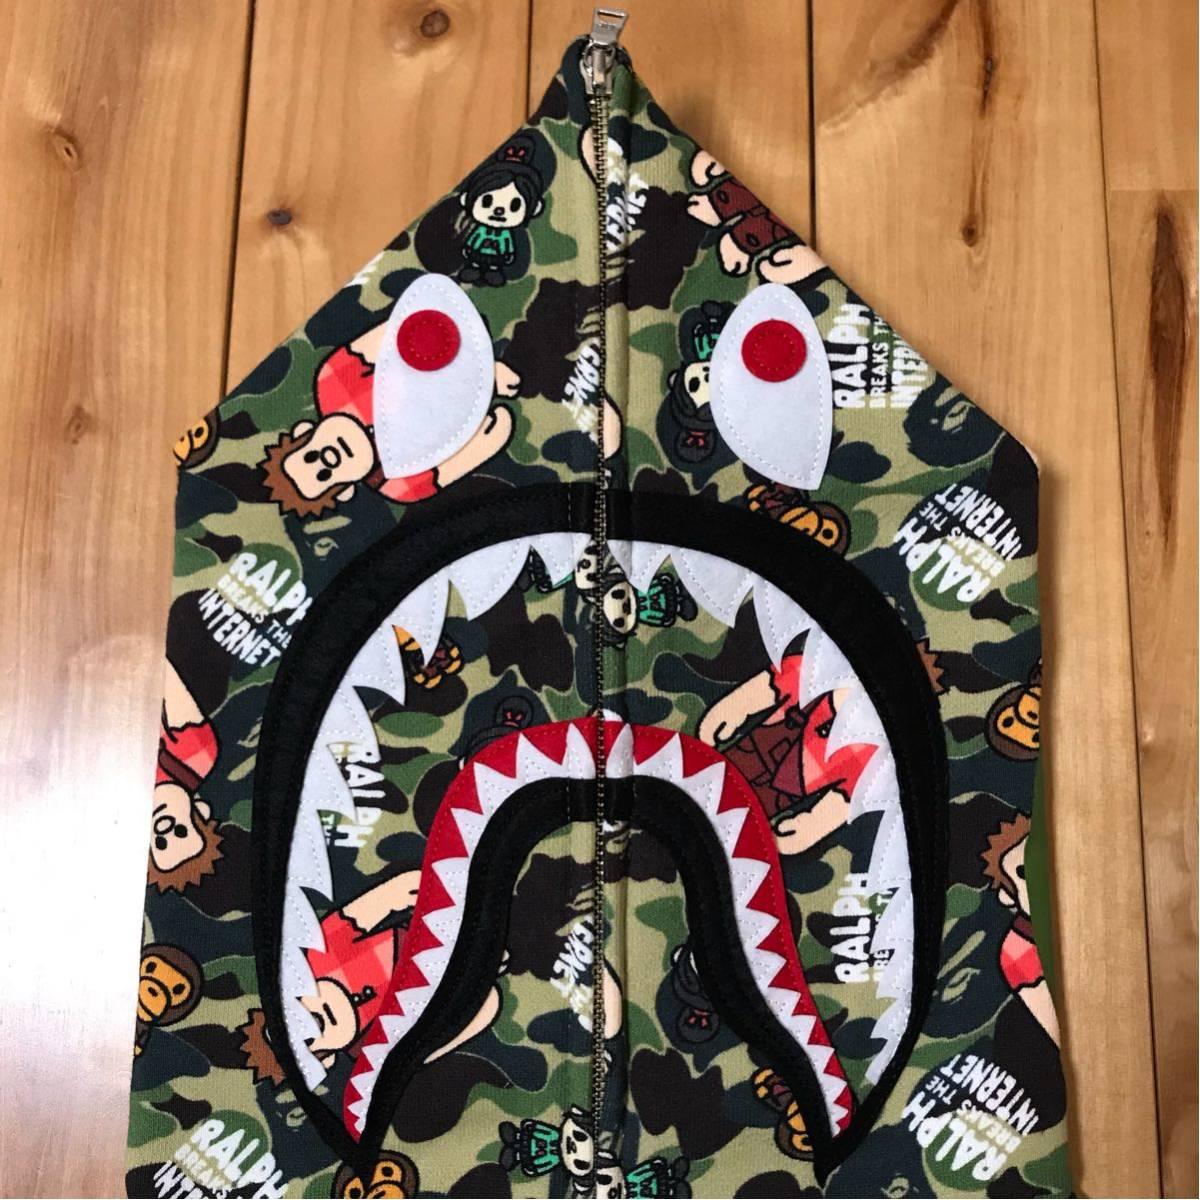 ★新品★ シュガー ラッシュ オンライン シャーク パーカー shark full zip hoodie a bathing ape bape Ralph Breaks the Internet ベイプ